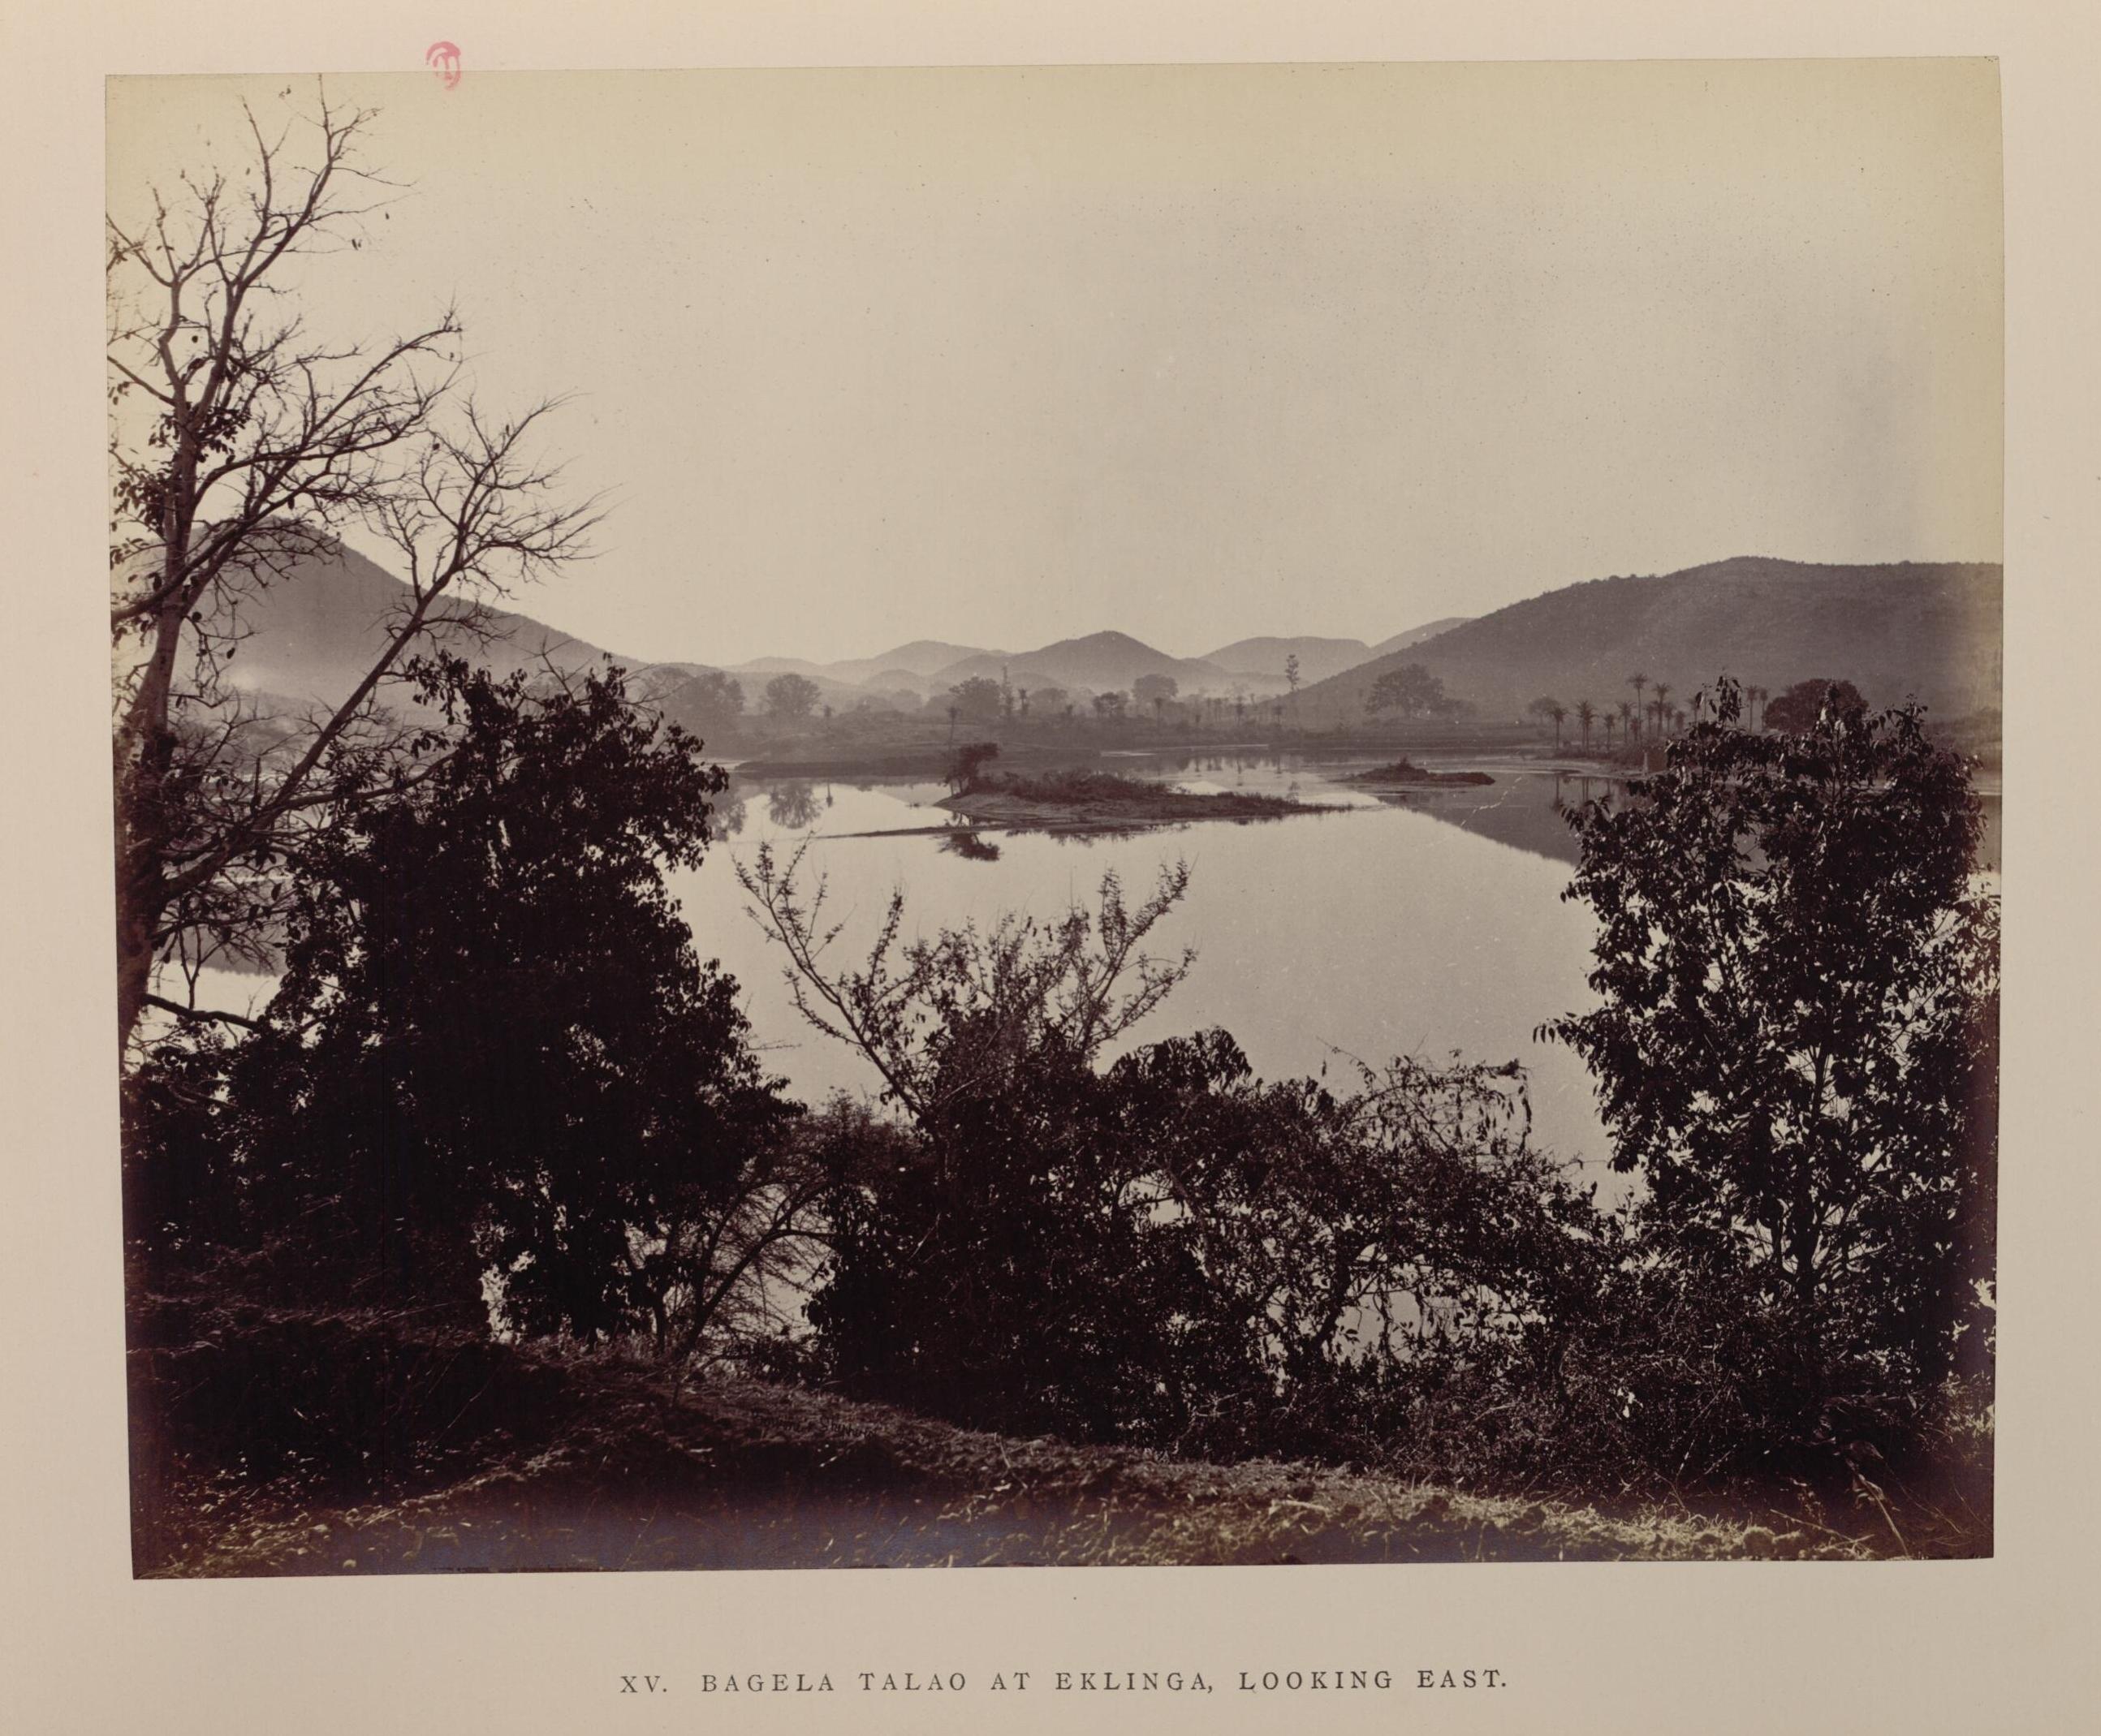 Озеро Багела в Еклинге. Вид на восток